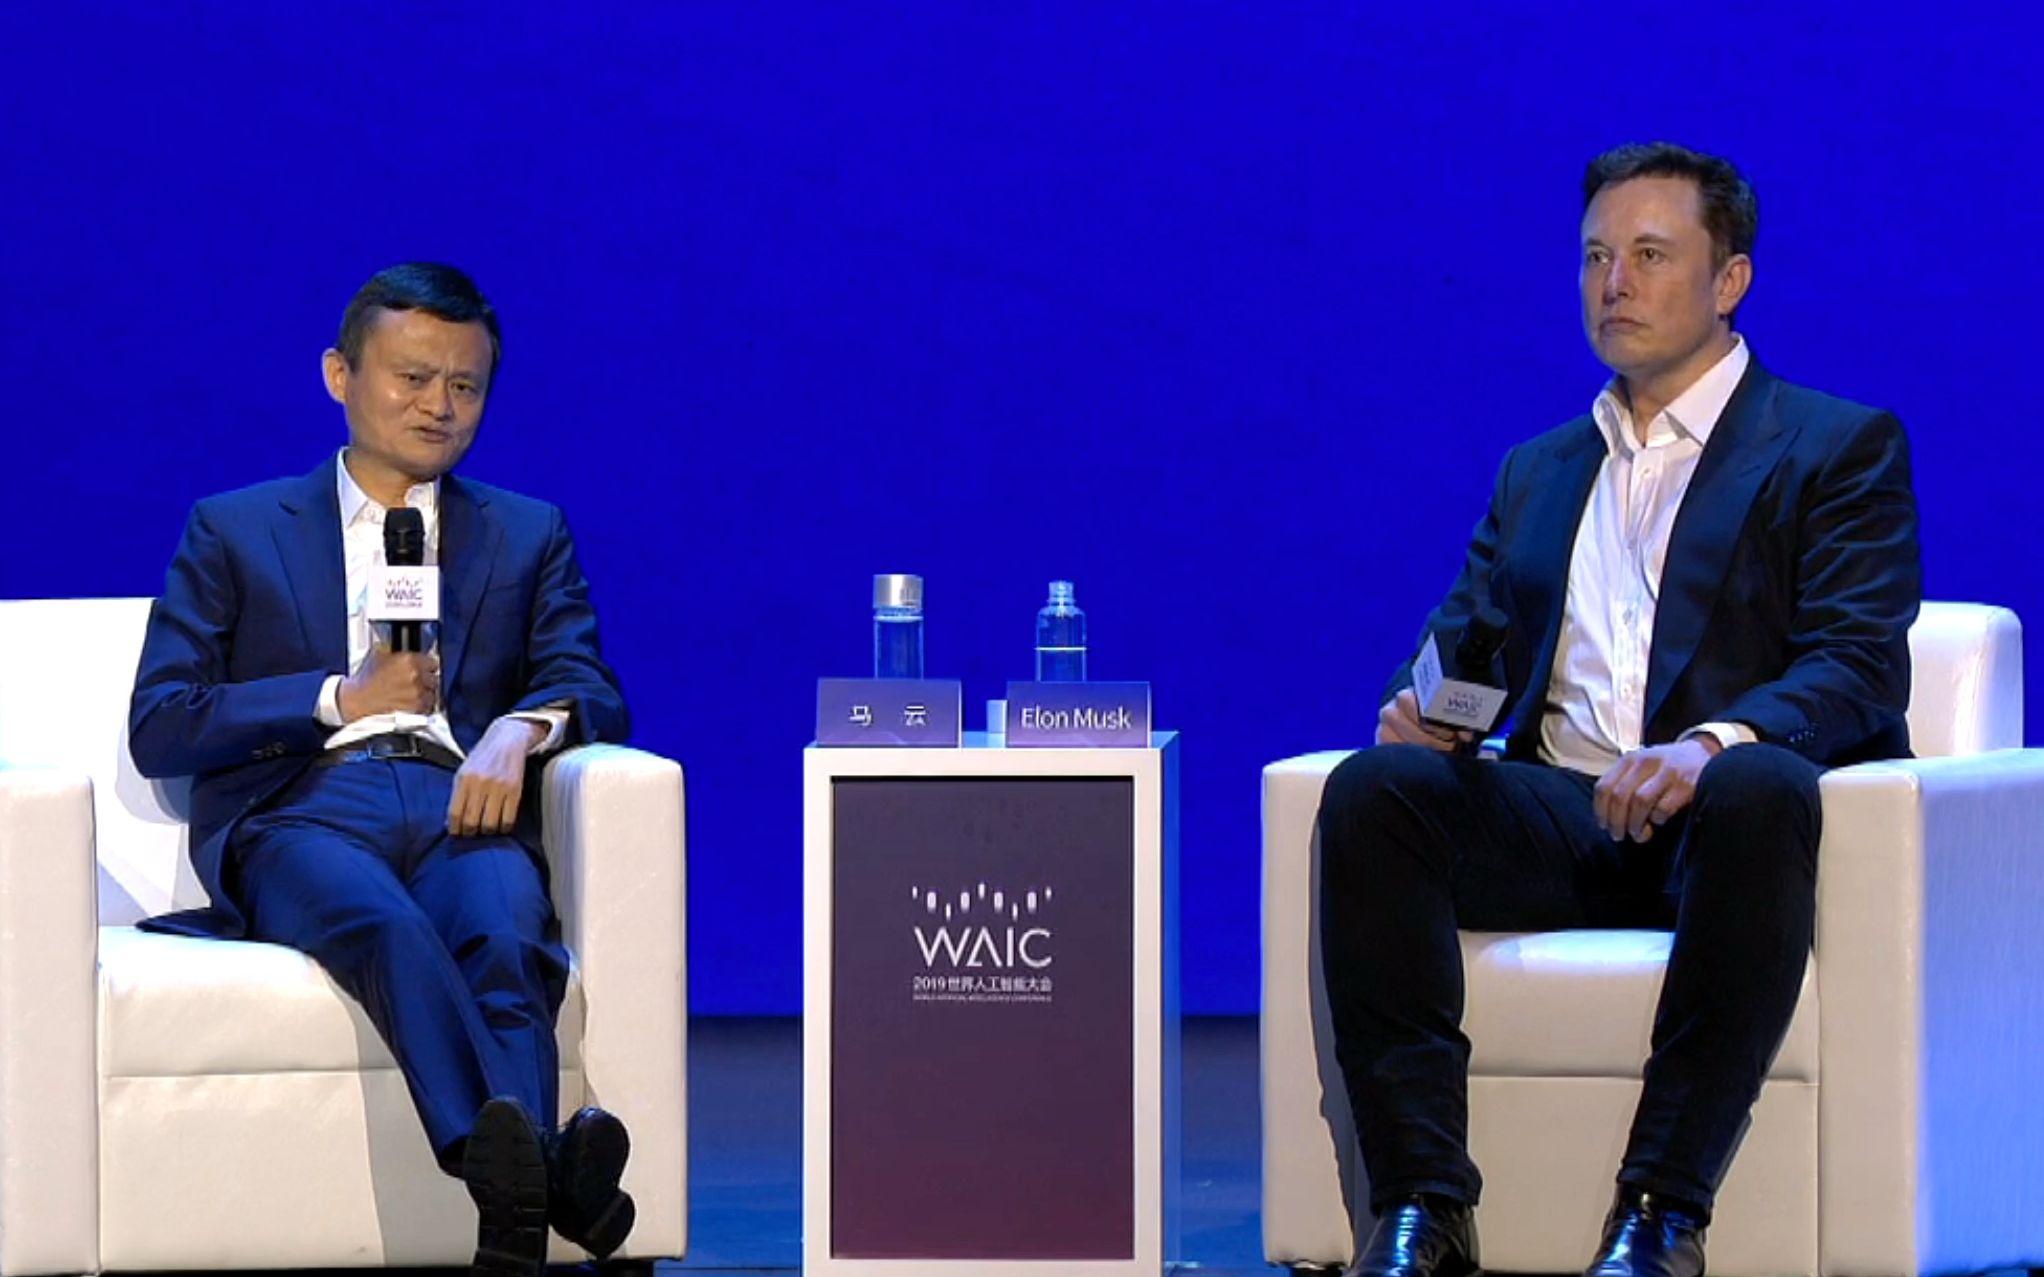 双马对话开始!马云和马斯克:AI会否威胁人类,移民火星还是留在地球?